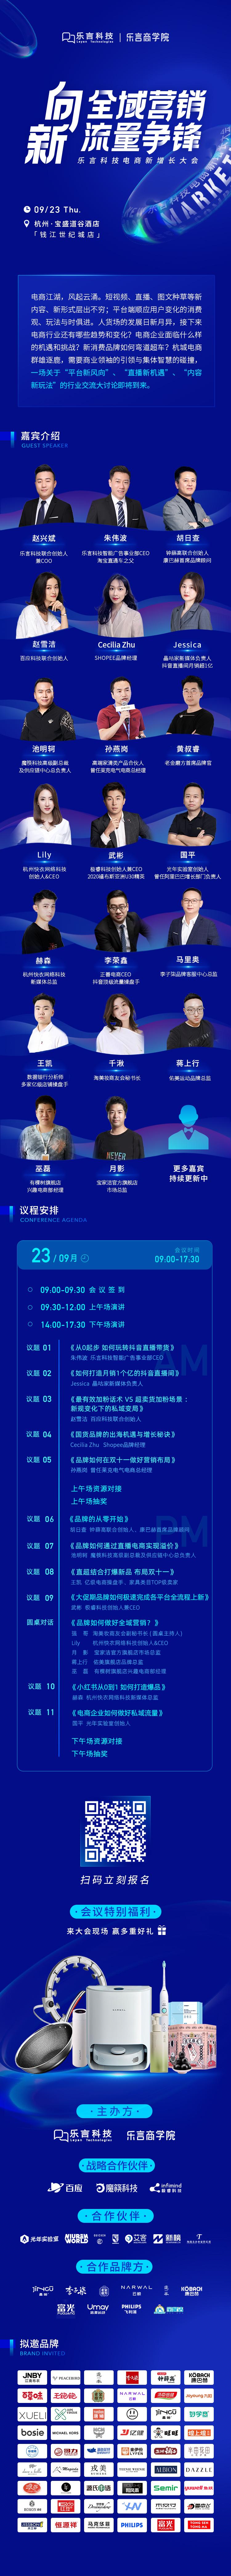 9.17杭州大会议程图(原尺寸).jpg